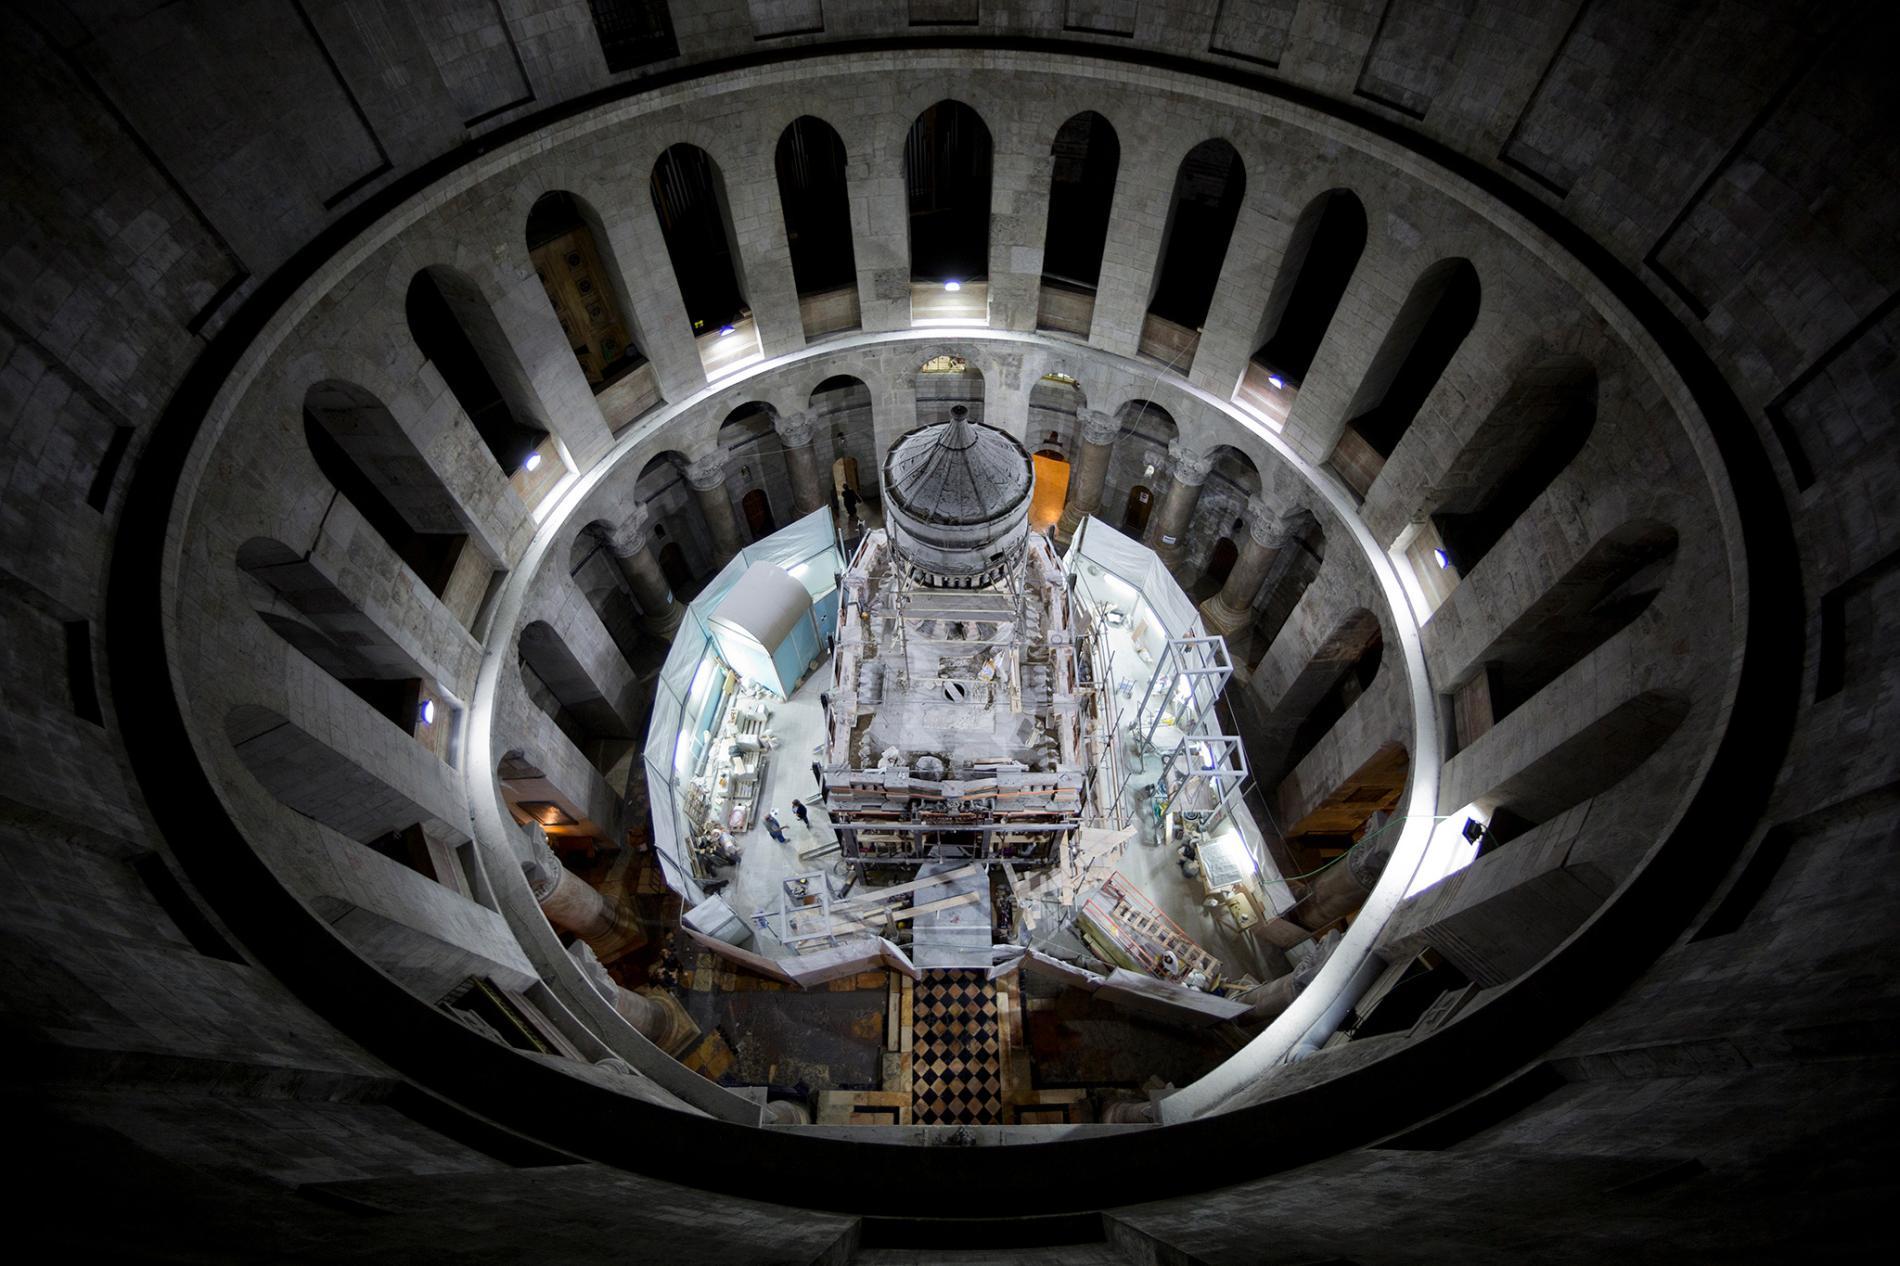 Meski Berpondasi Rapuh, Makam Yesus Tetap Dibuka untuk Umum